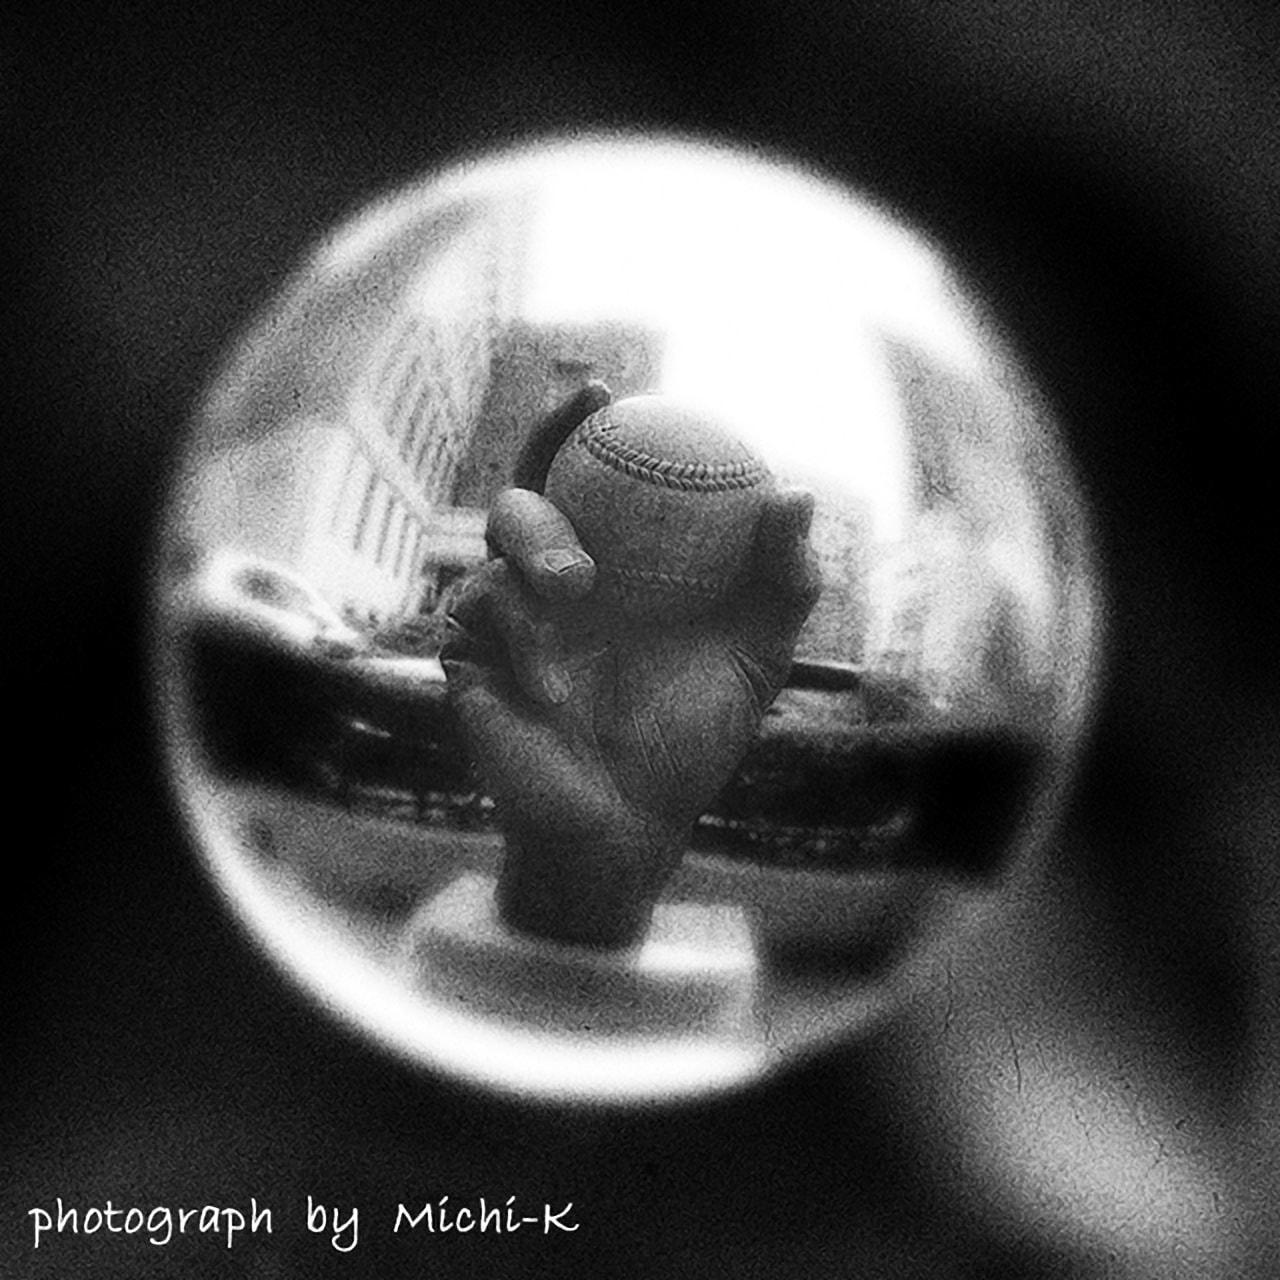 日本野球発祥の地-宙玉(そらたま)